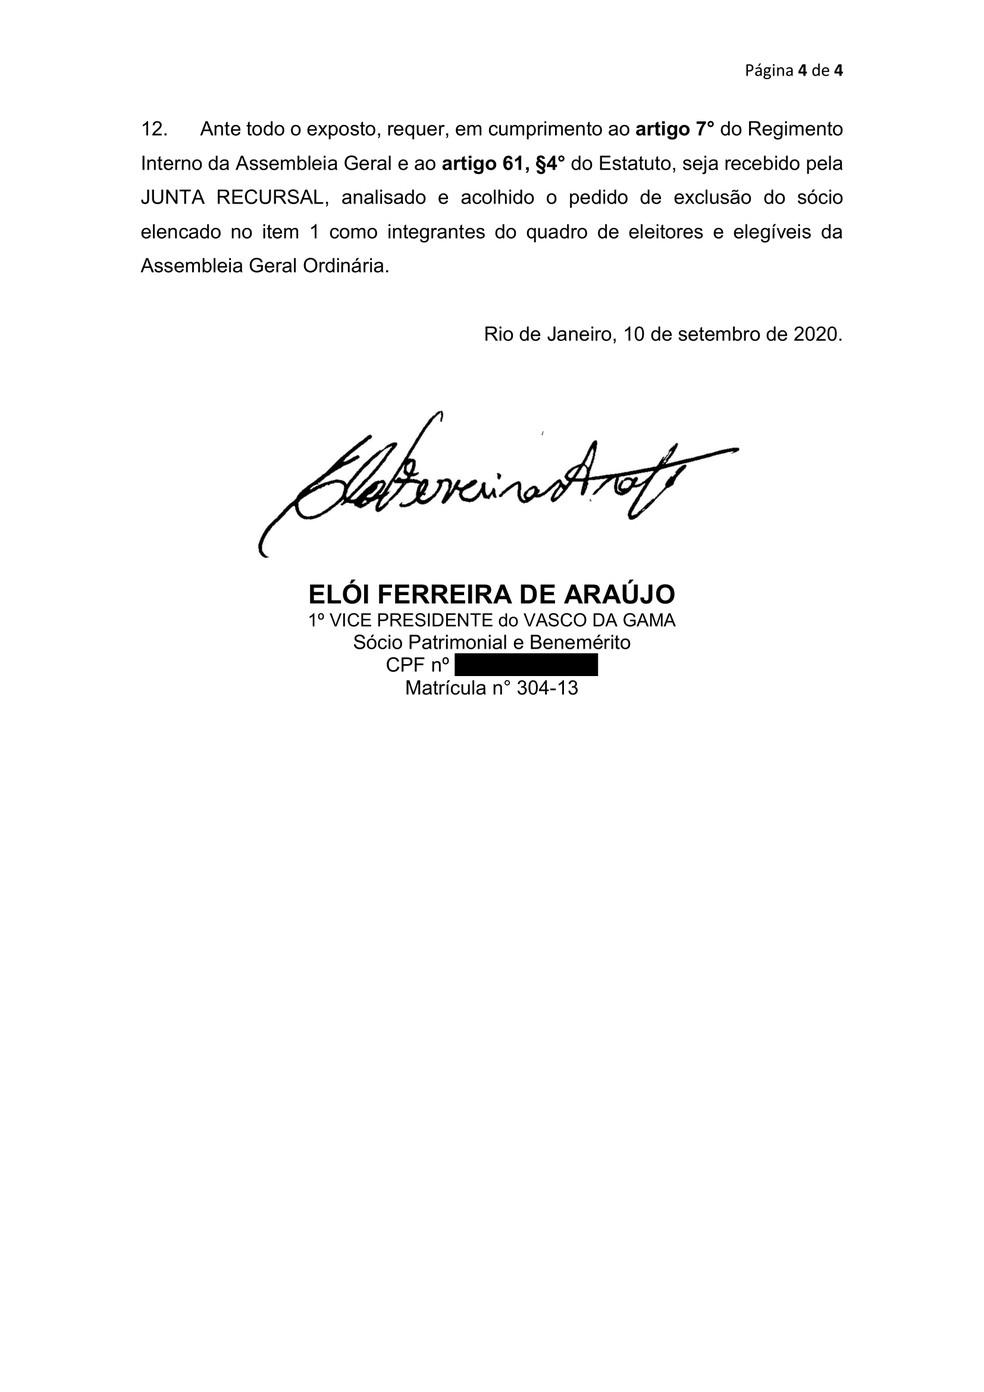 Elói Ferreira de Araújo, primeiro vice-presidente do Vasco, pede a impugnação de Alexandre Campello — Foto: Reprodução